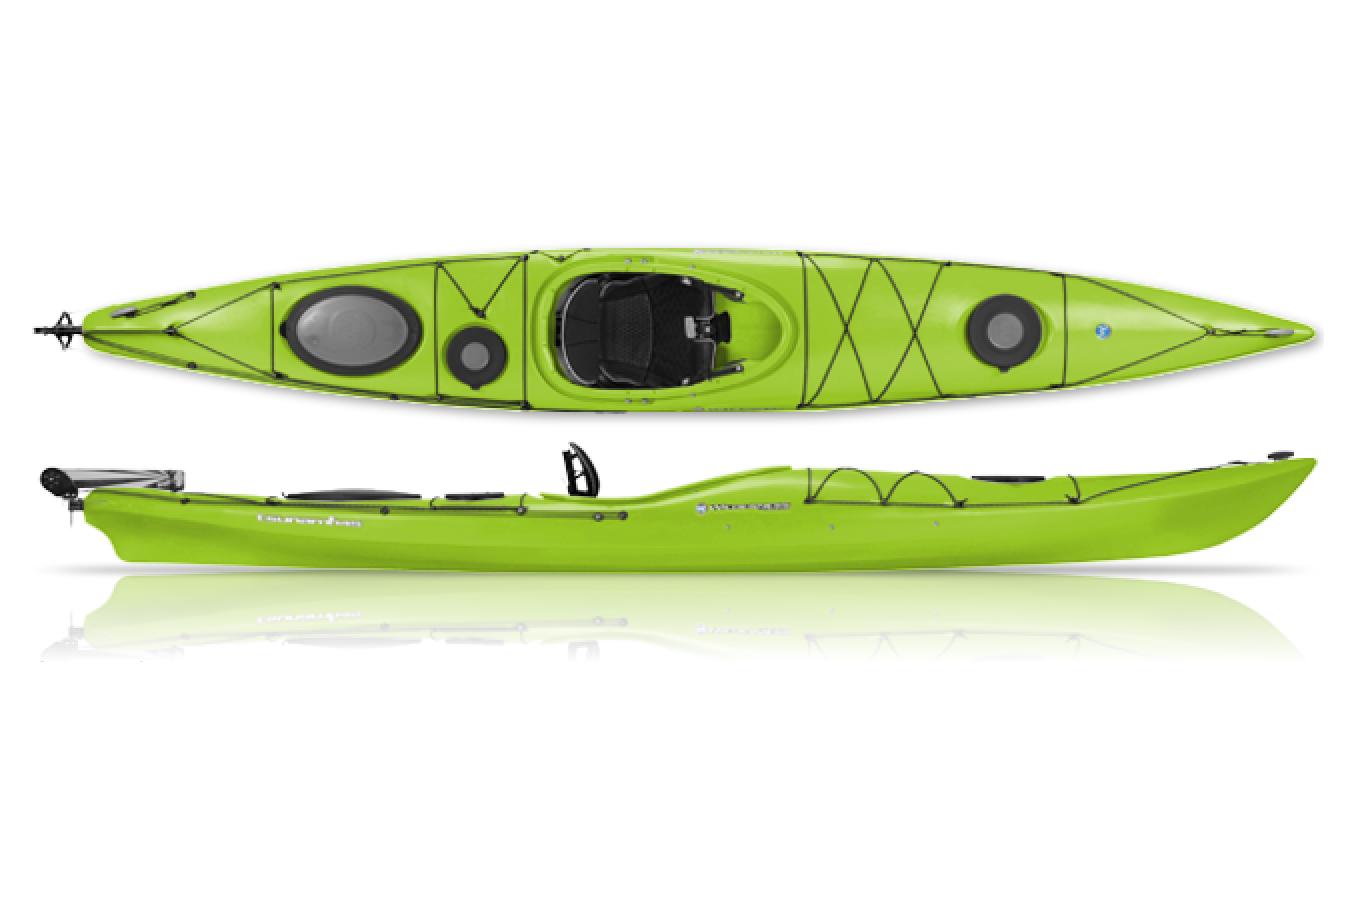 tsunami 145 prokat kayakov na ladoge